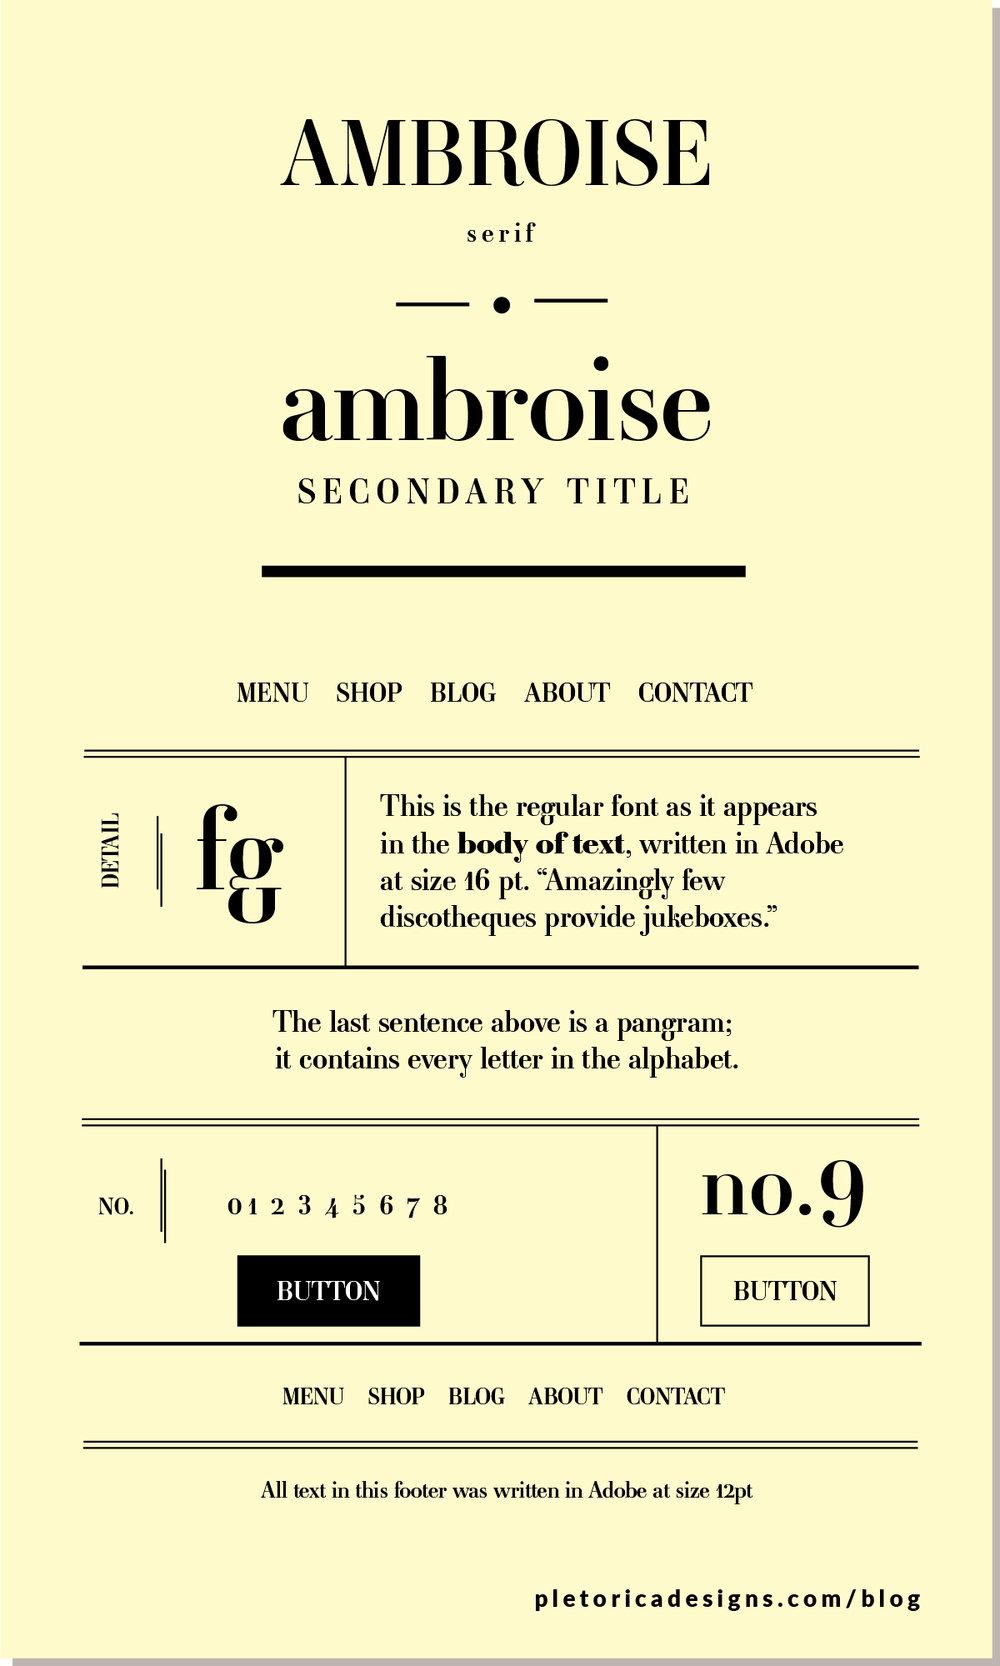 LET'S TYPE: Ambroise — PLETÓRICA DESIGNS